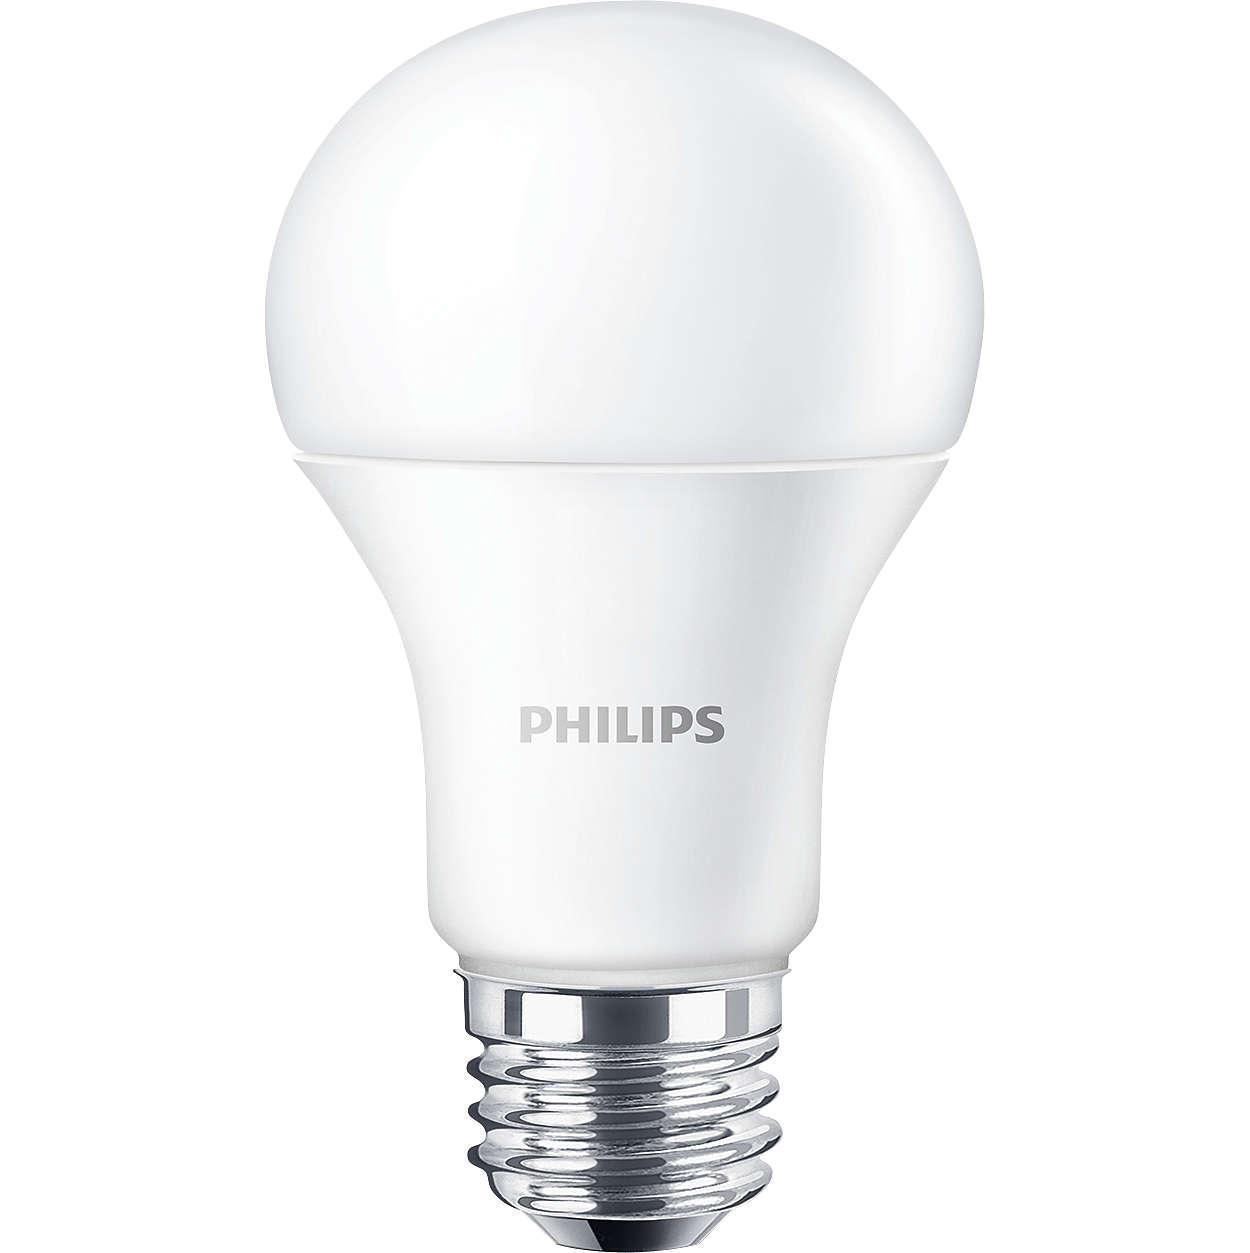 Οι λαμπτήρες LED (με ή χωρίς δυνατότητα ρύθμισης της έντασης φωτισμού) είναι ιδανικοί για εφαρμογές γενικού φωτισμού.